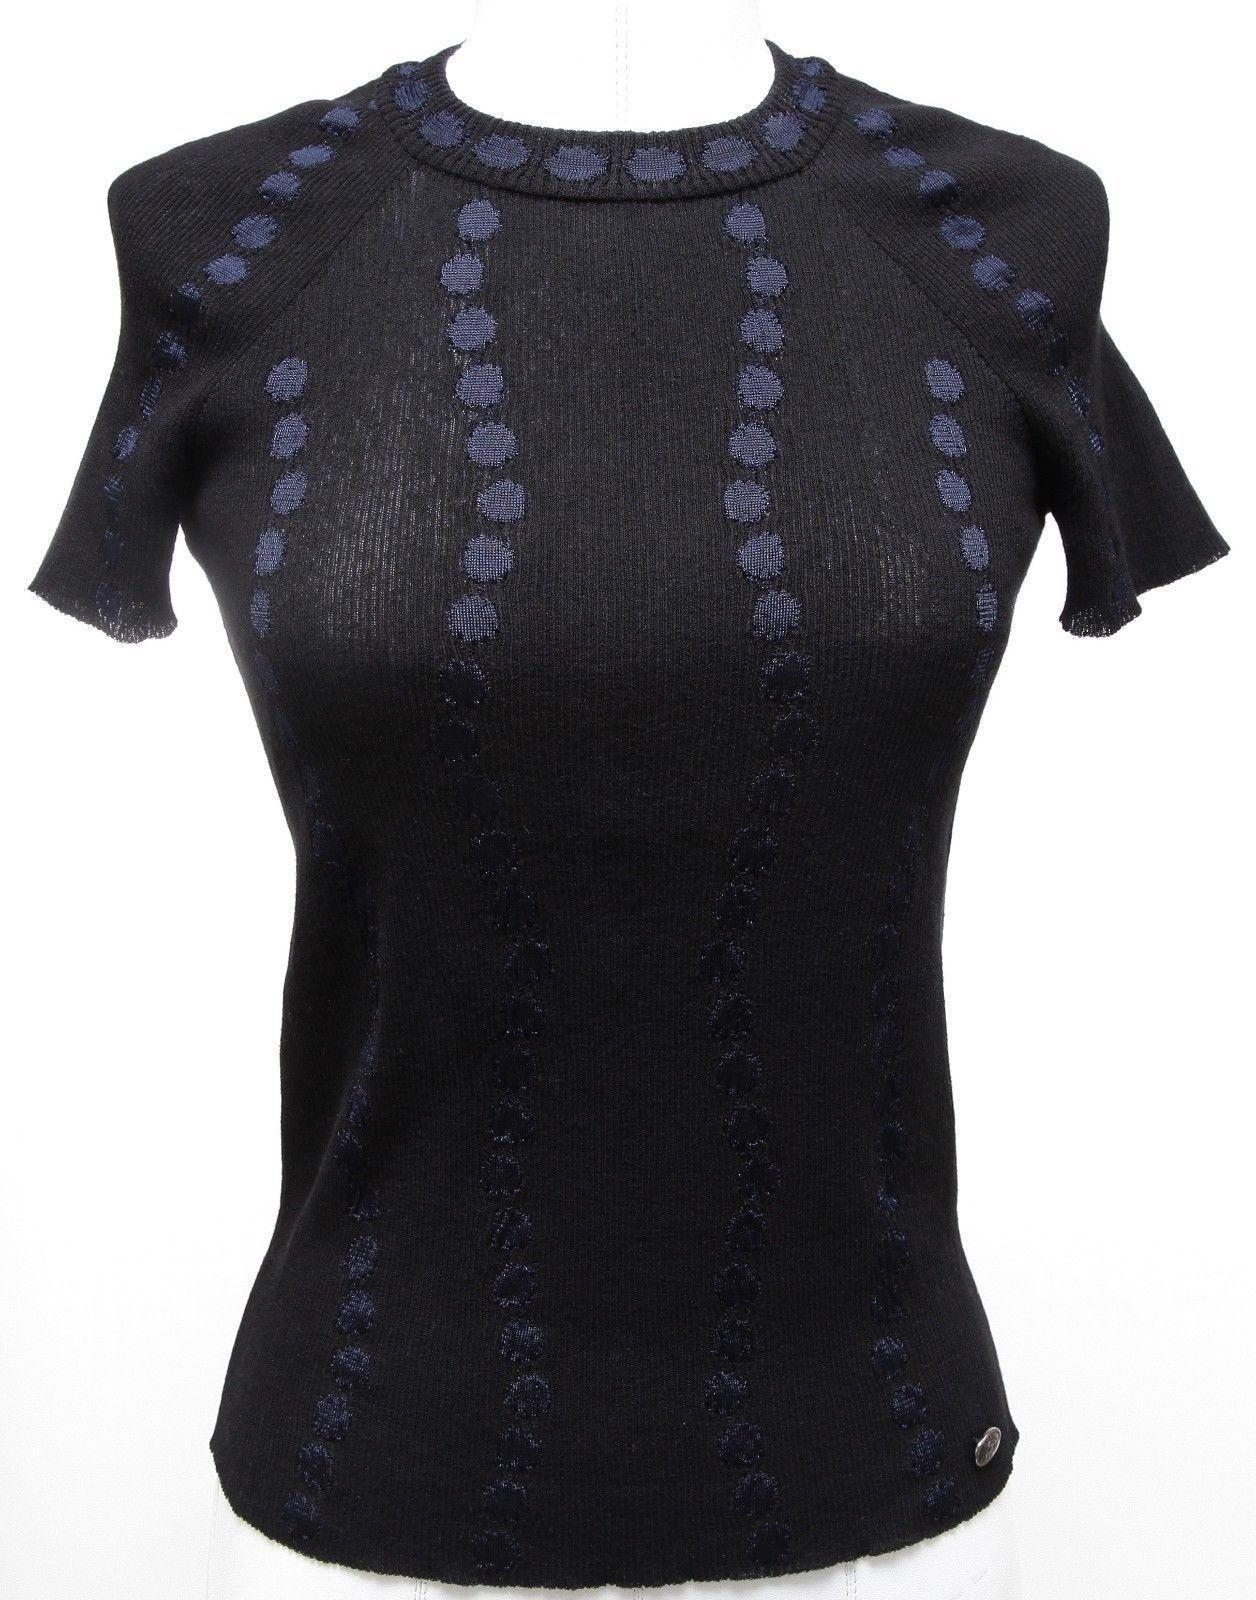 Isaac Mizrahi Scoop Neck Top Bracelet Ruffle Slv Rose Blush XL NEW A294436